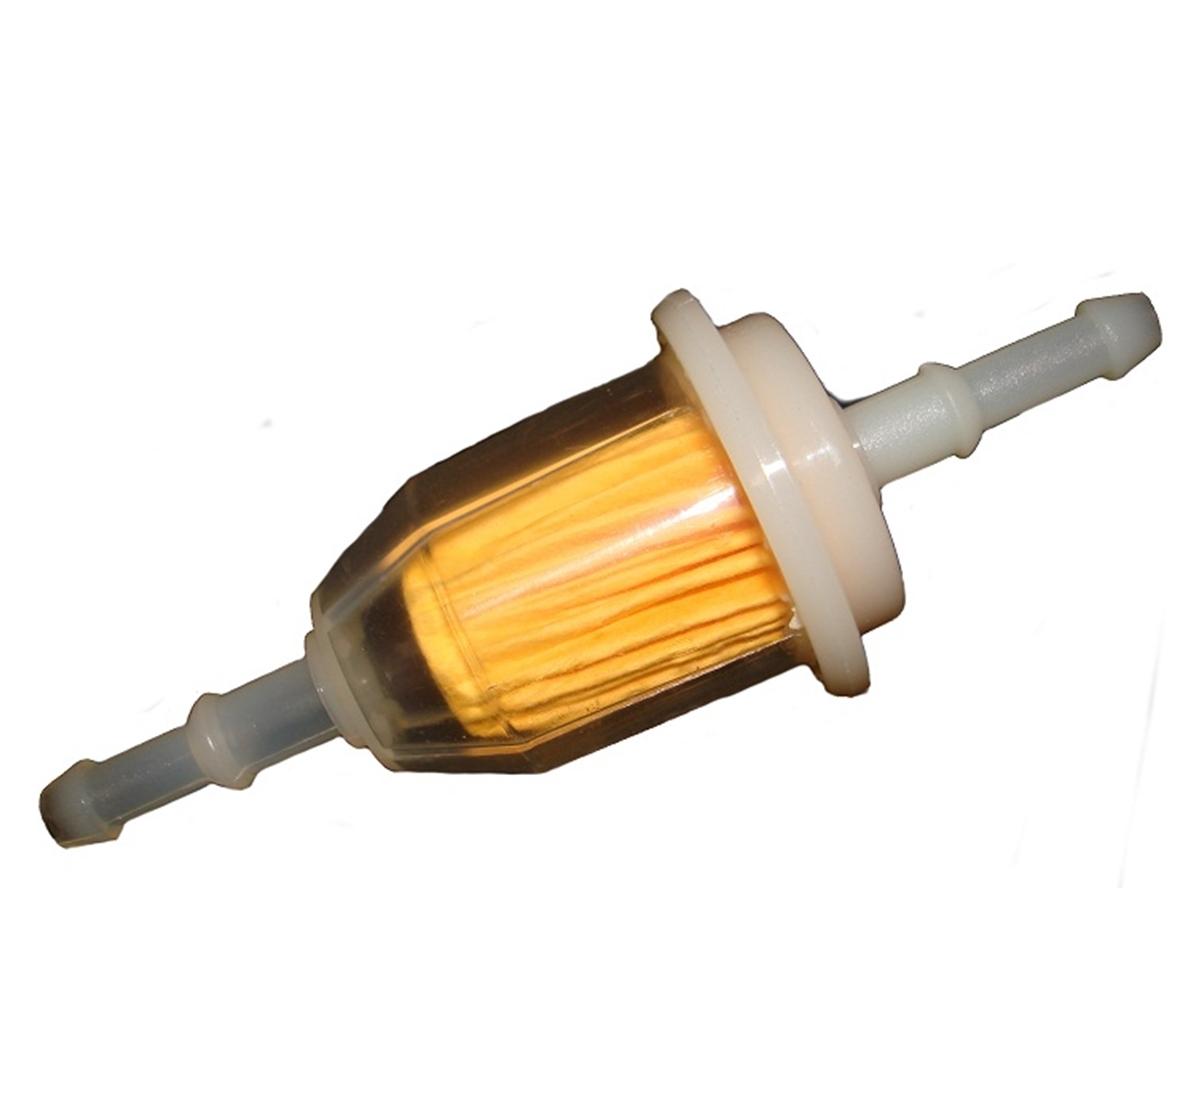 John Deere 102 Fuel Filter System Model A For La100 La105 La110 La115 La120